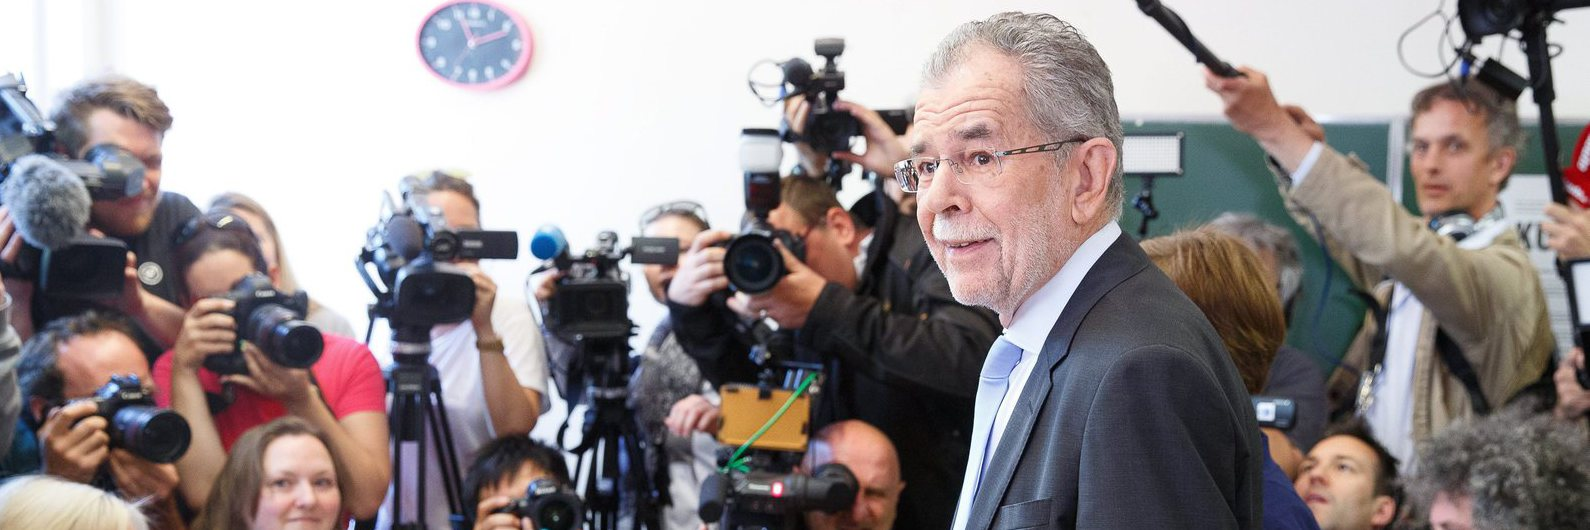 Presidenciais/Áustria: Ecologista Van der Bellen vence as eleições